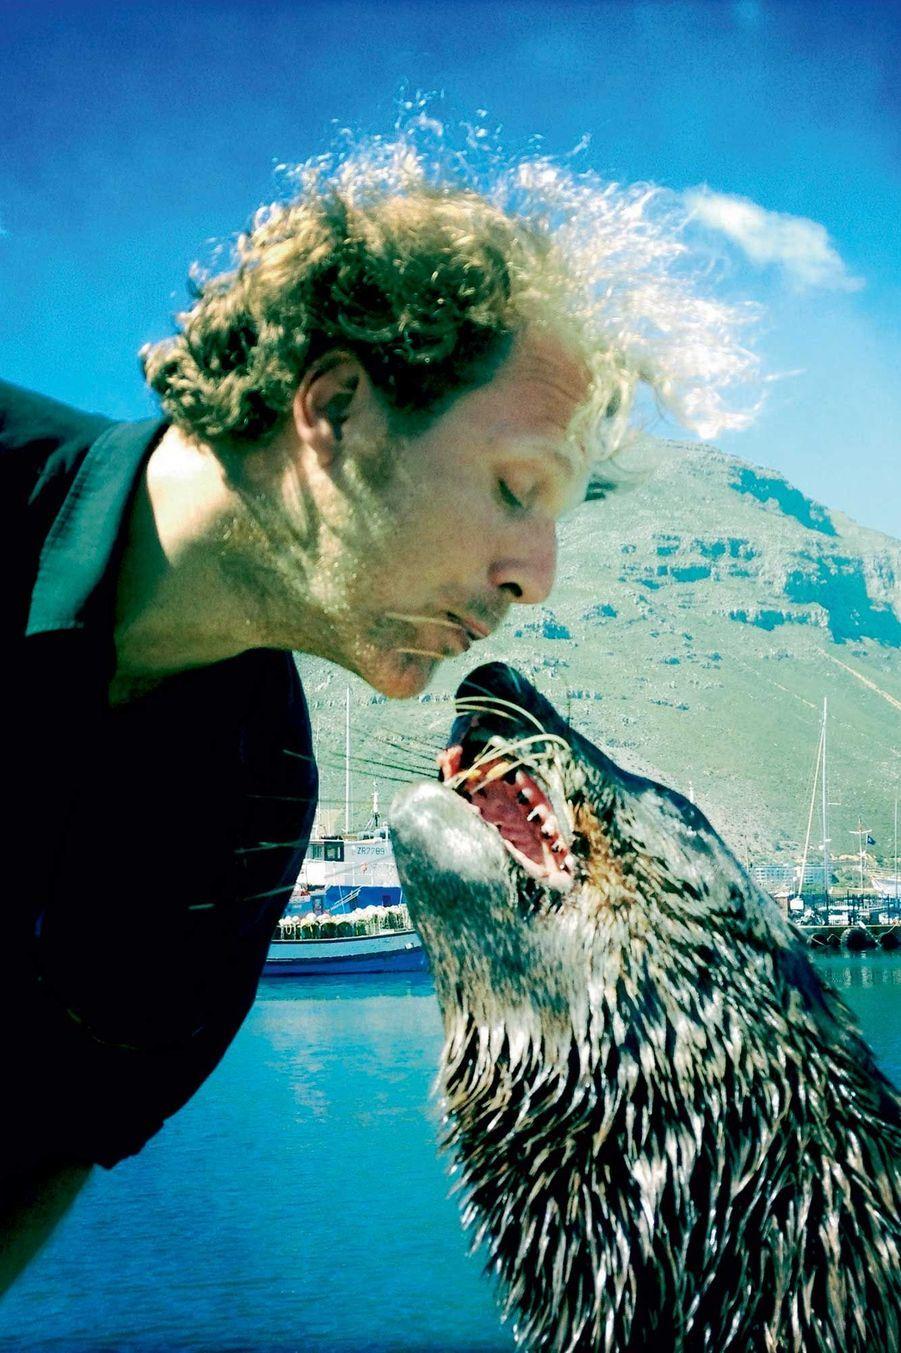 Ami-ami avec un lion de mer, dans le port de Hout Bay, en Afrique du Sud